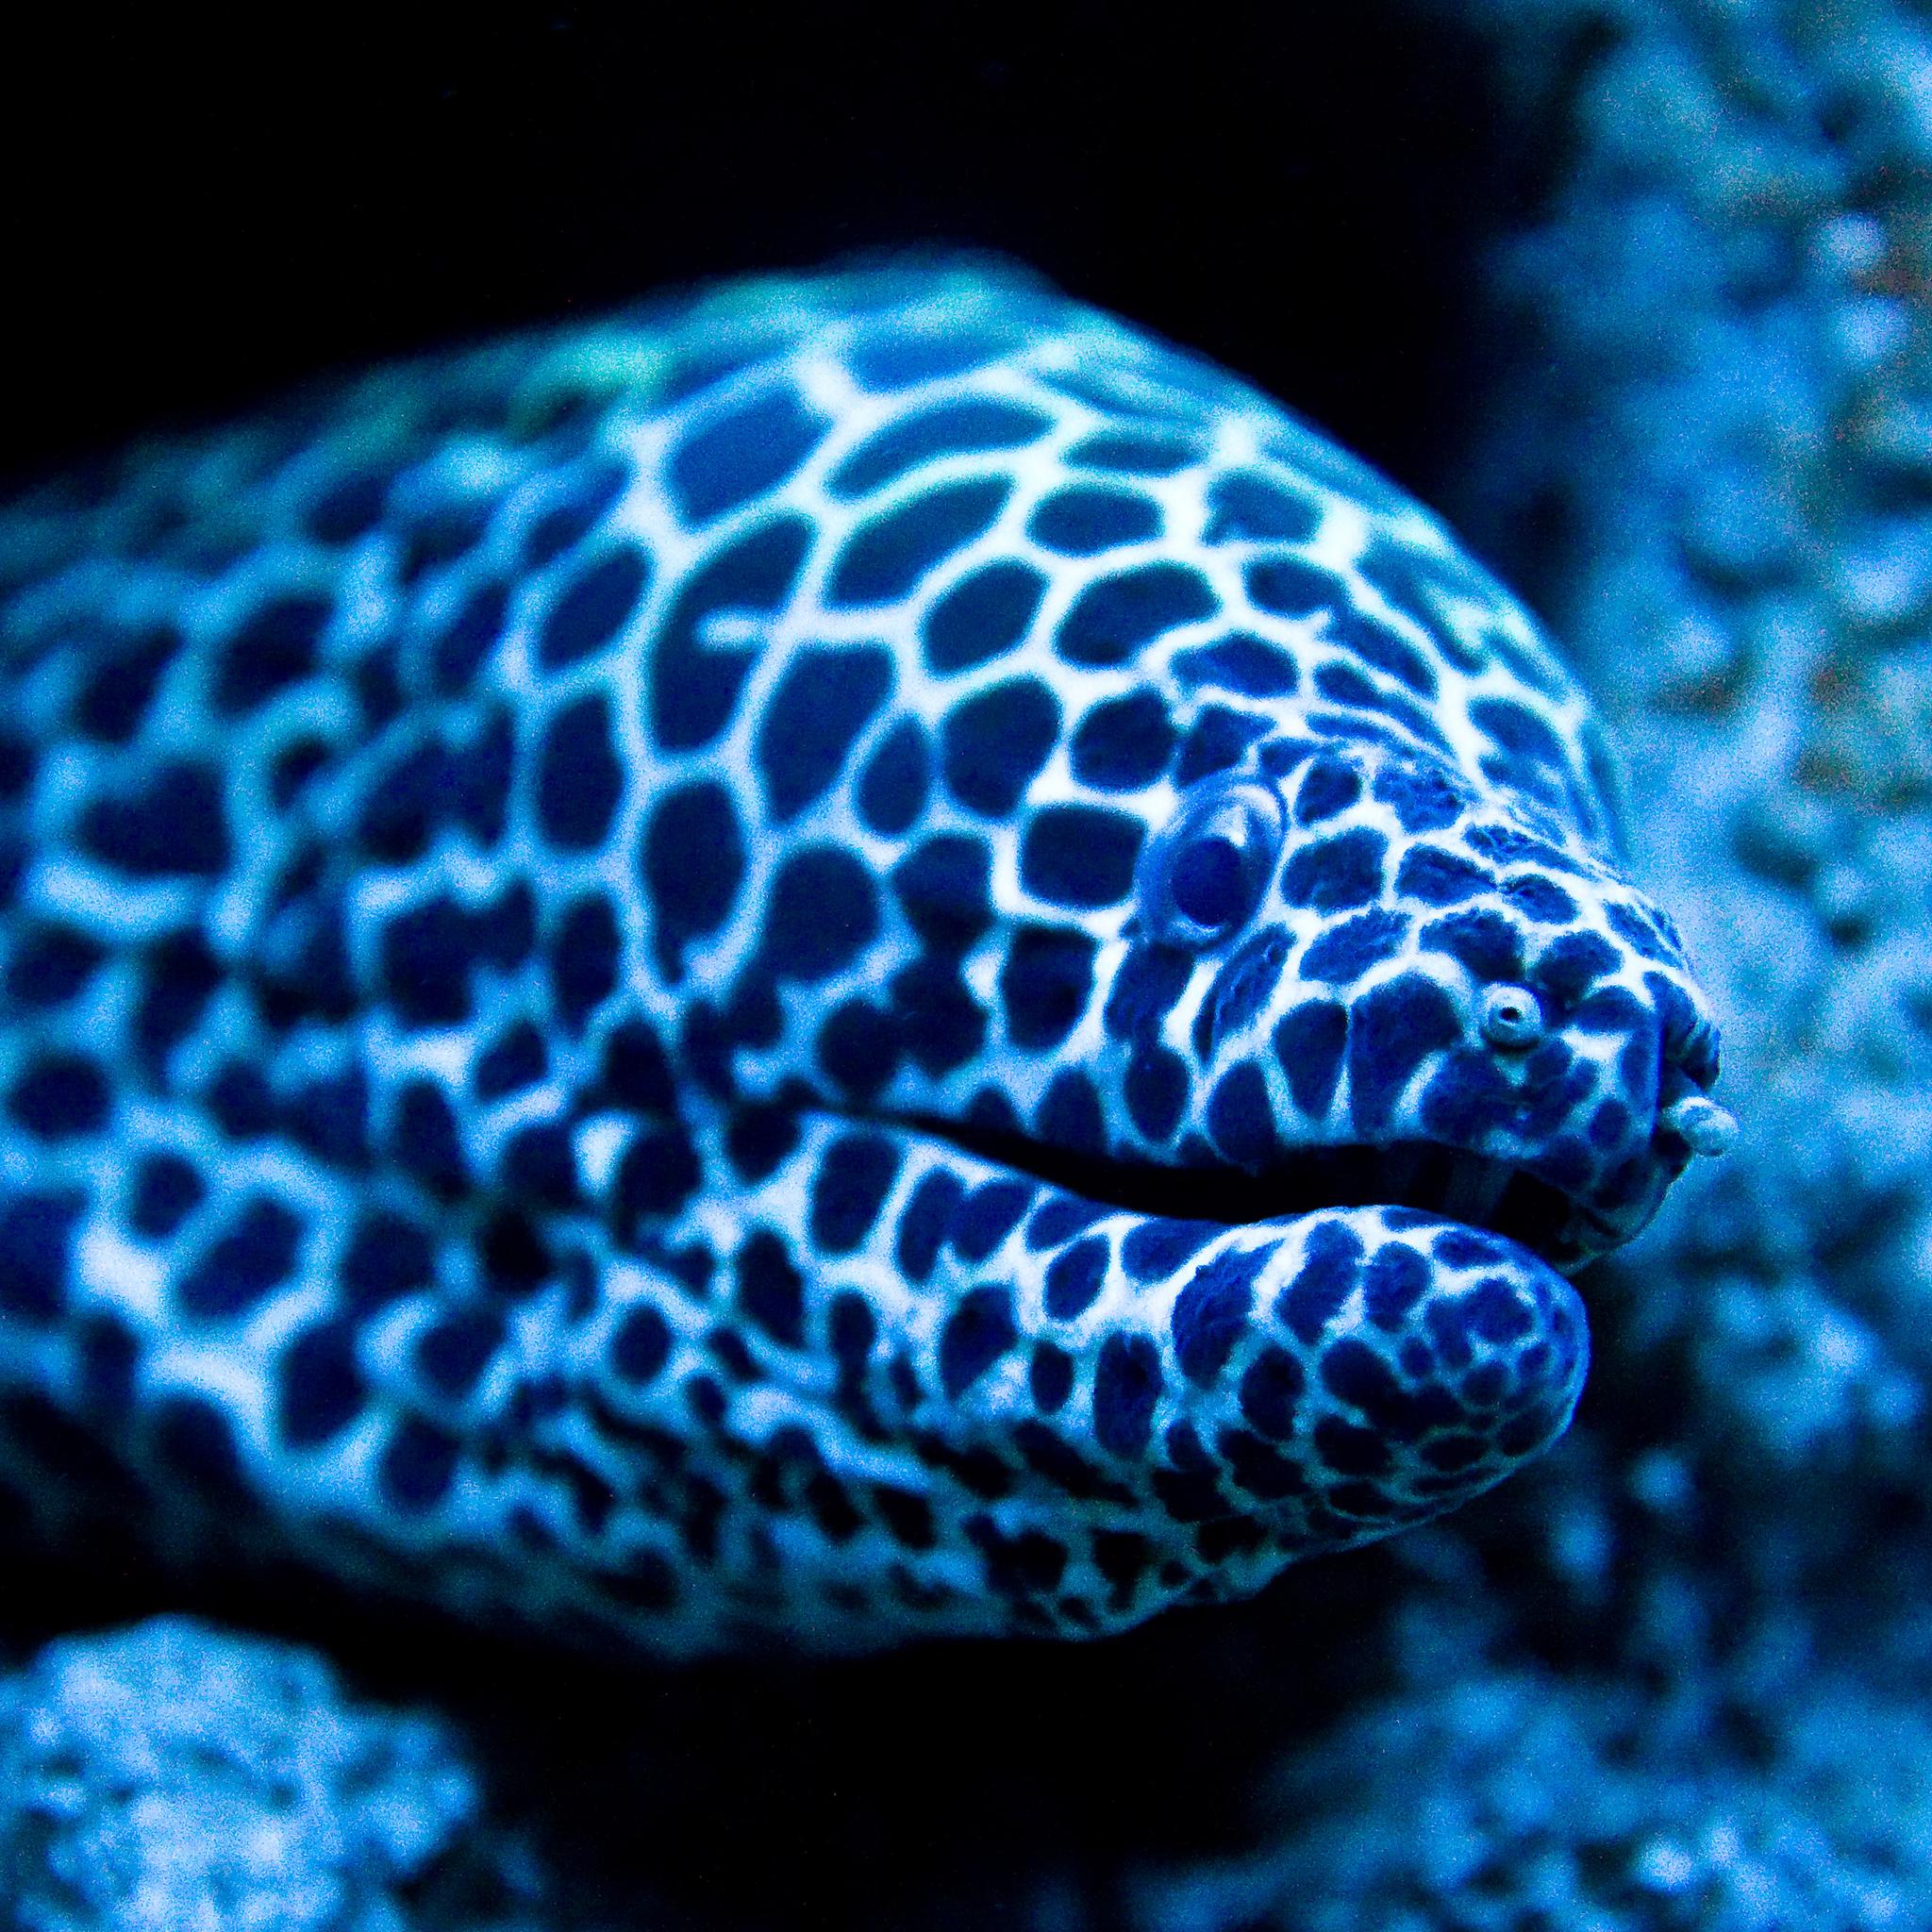 Fish Eels 3Wallpapers iPad Retina Fish Eels   iPad Retina